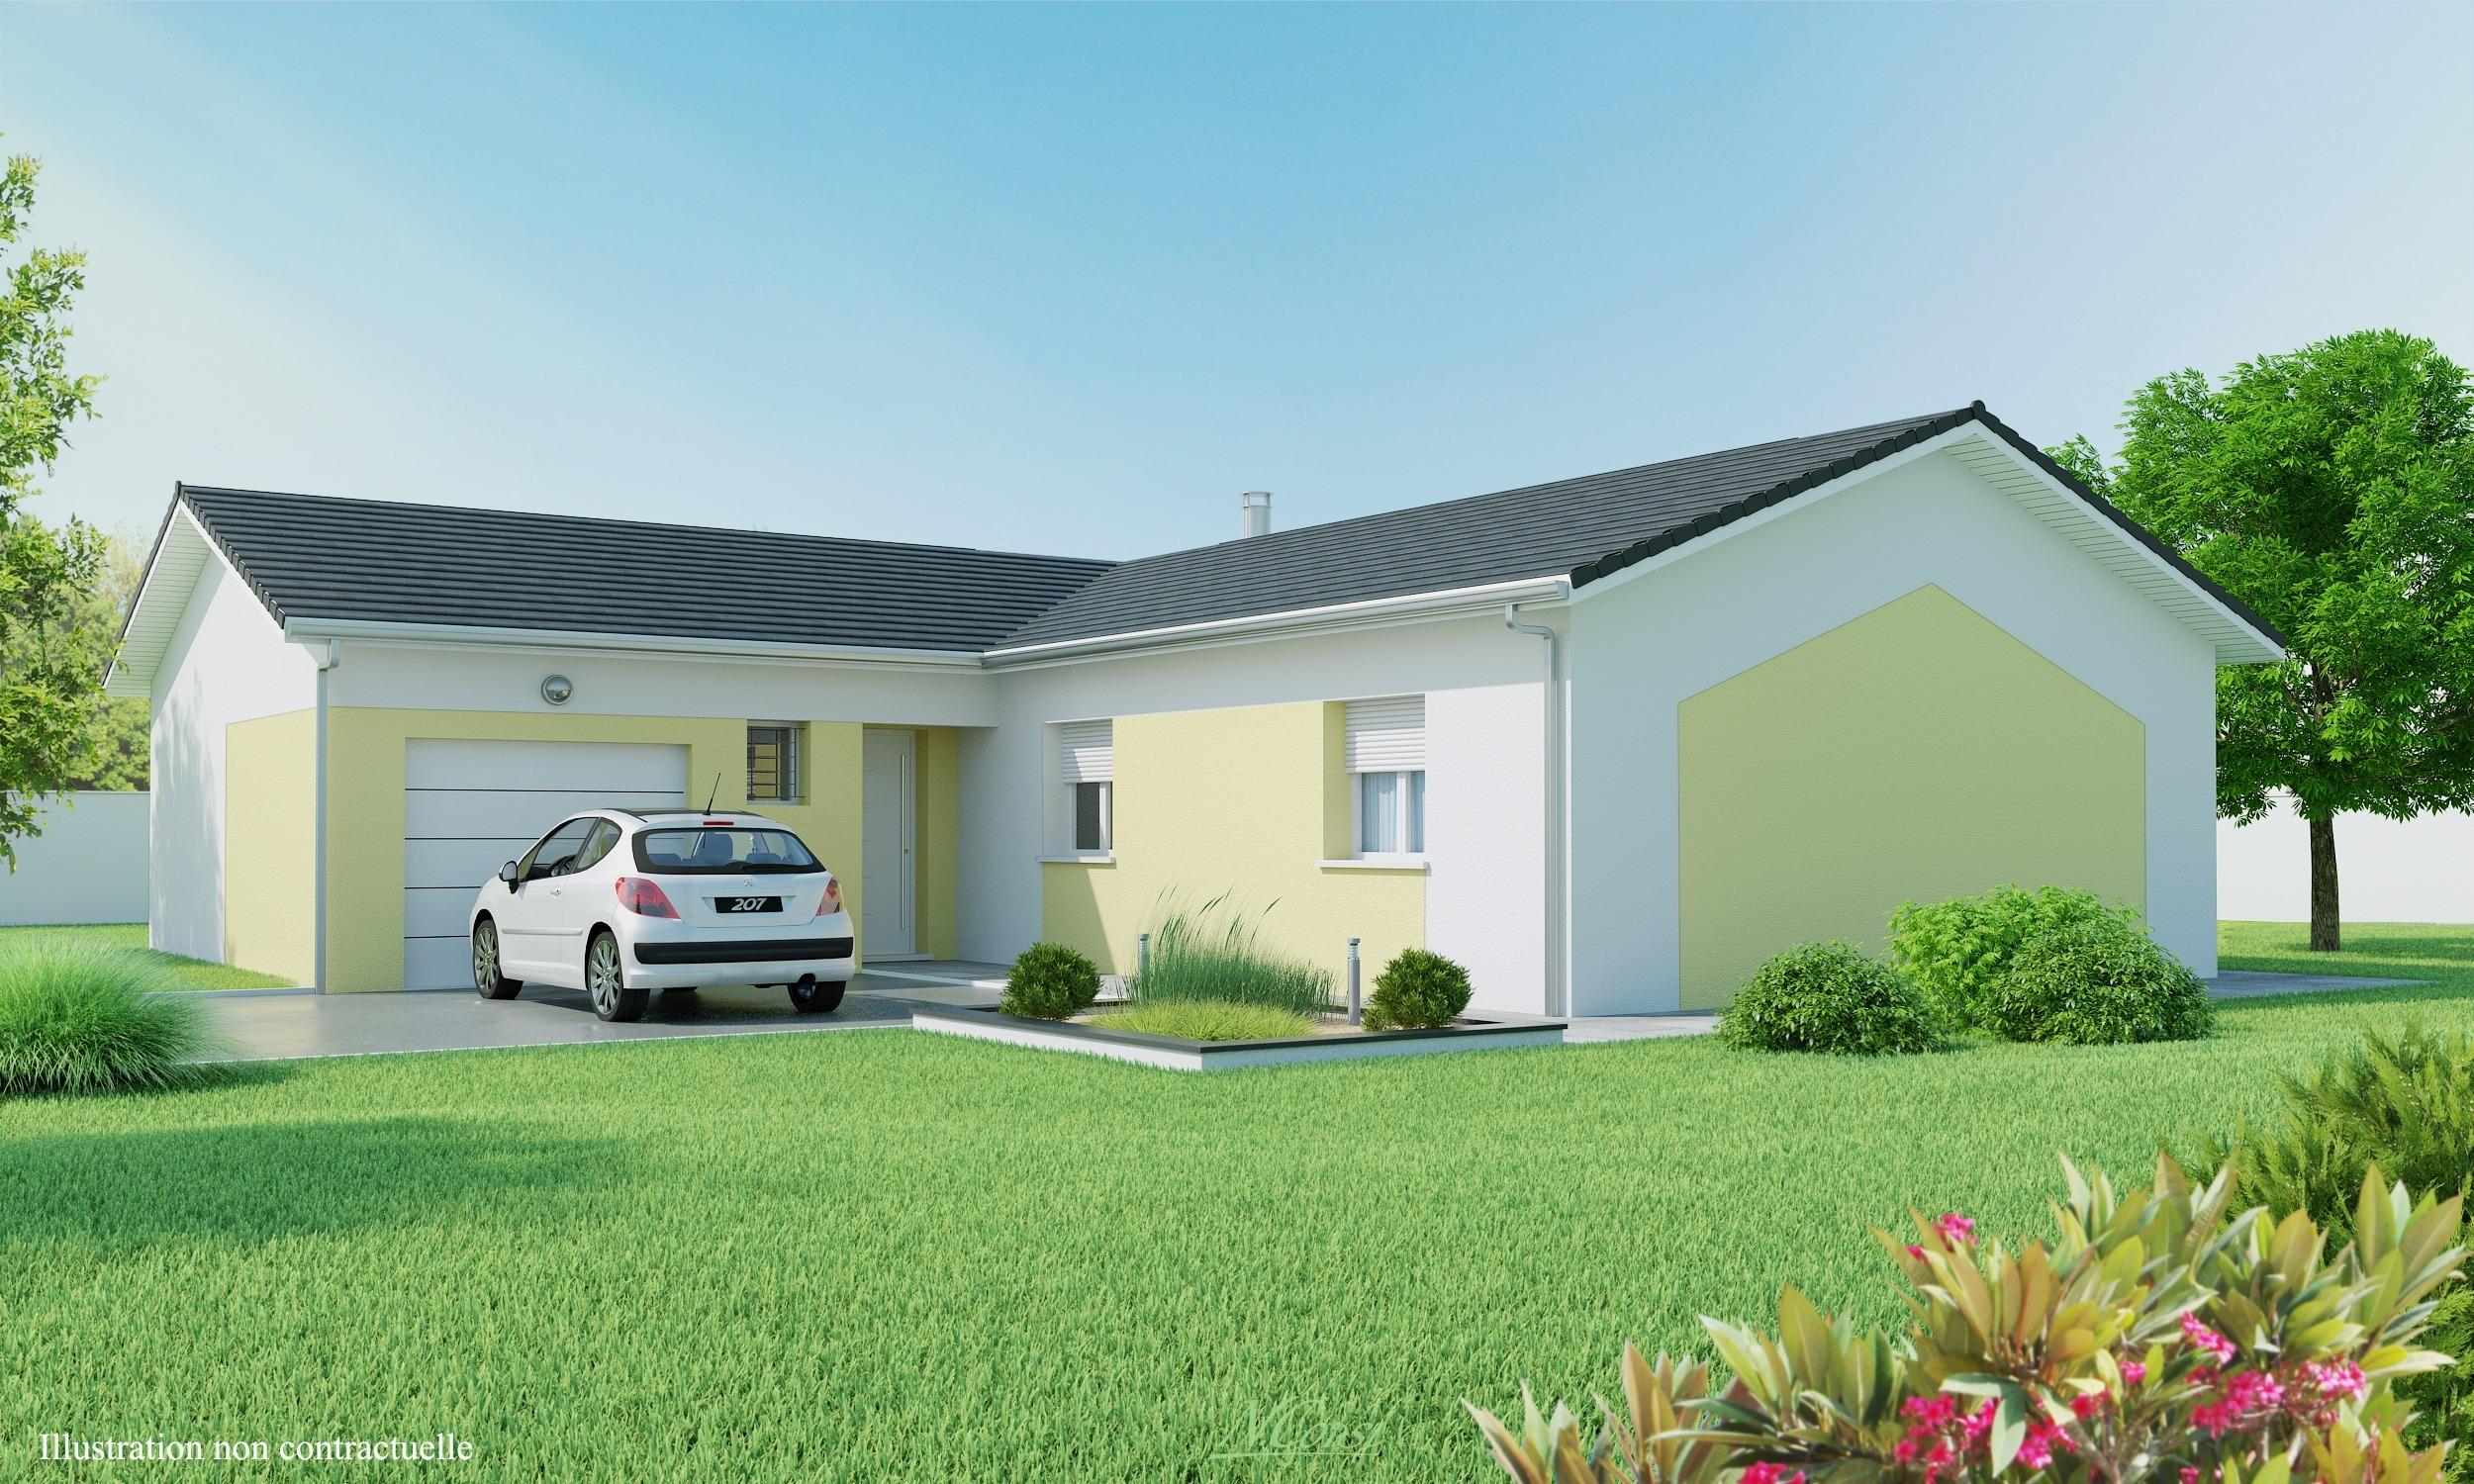 Maisons + Terrains du constructeur MAISONS AXIAL - BOURG EN BRESSE • 100 m² • ATTIGNAT